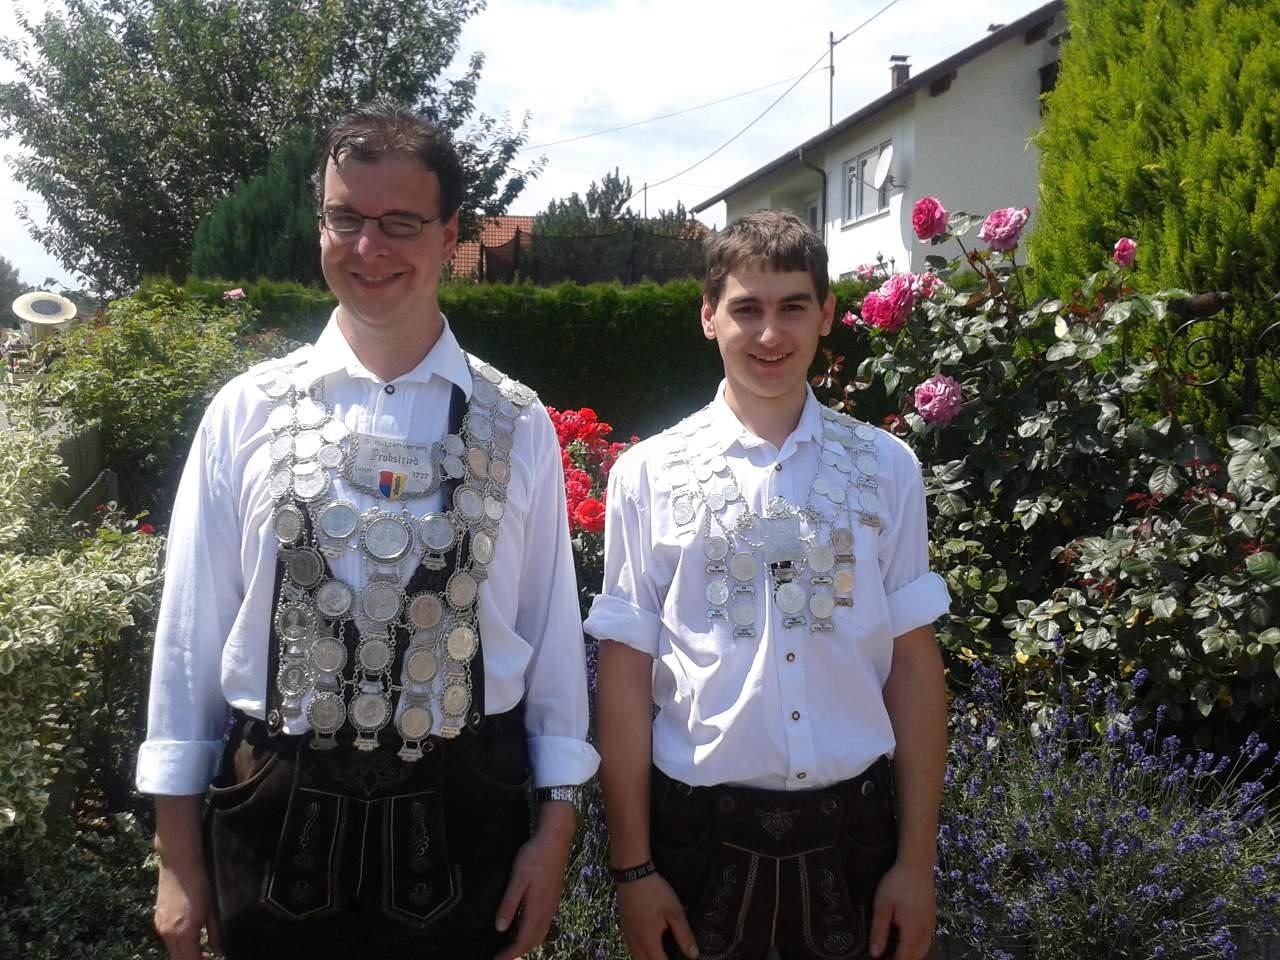 Schützenumzug Reicholzried 2015